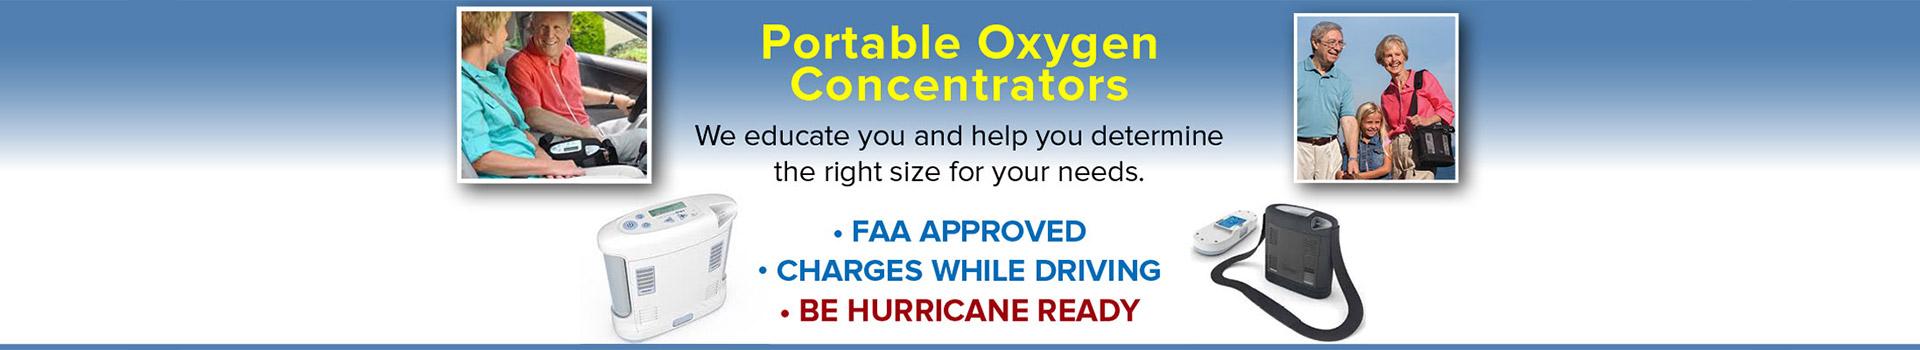 portable-oxygen